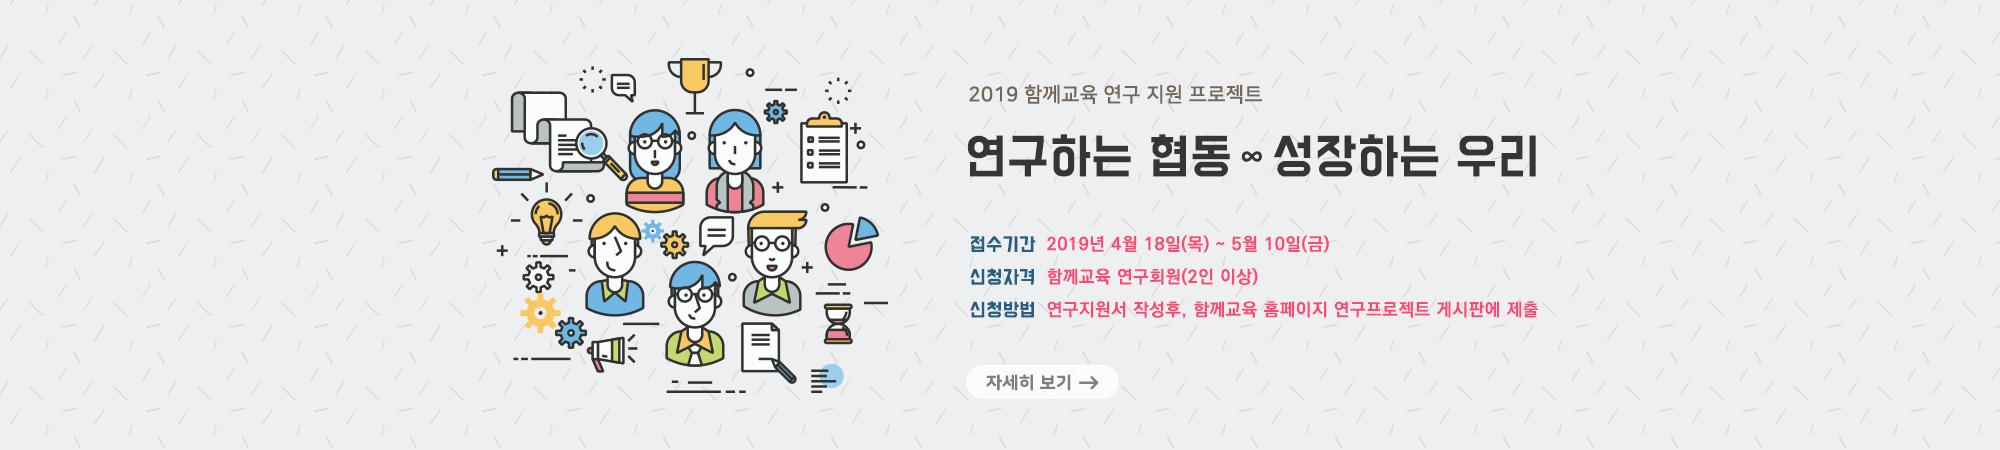 2019 연구프로젝트